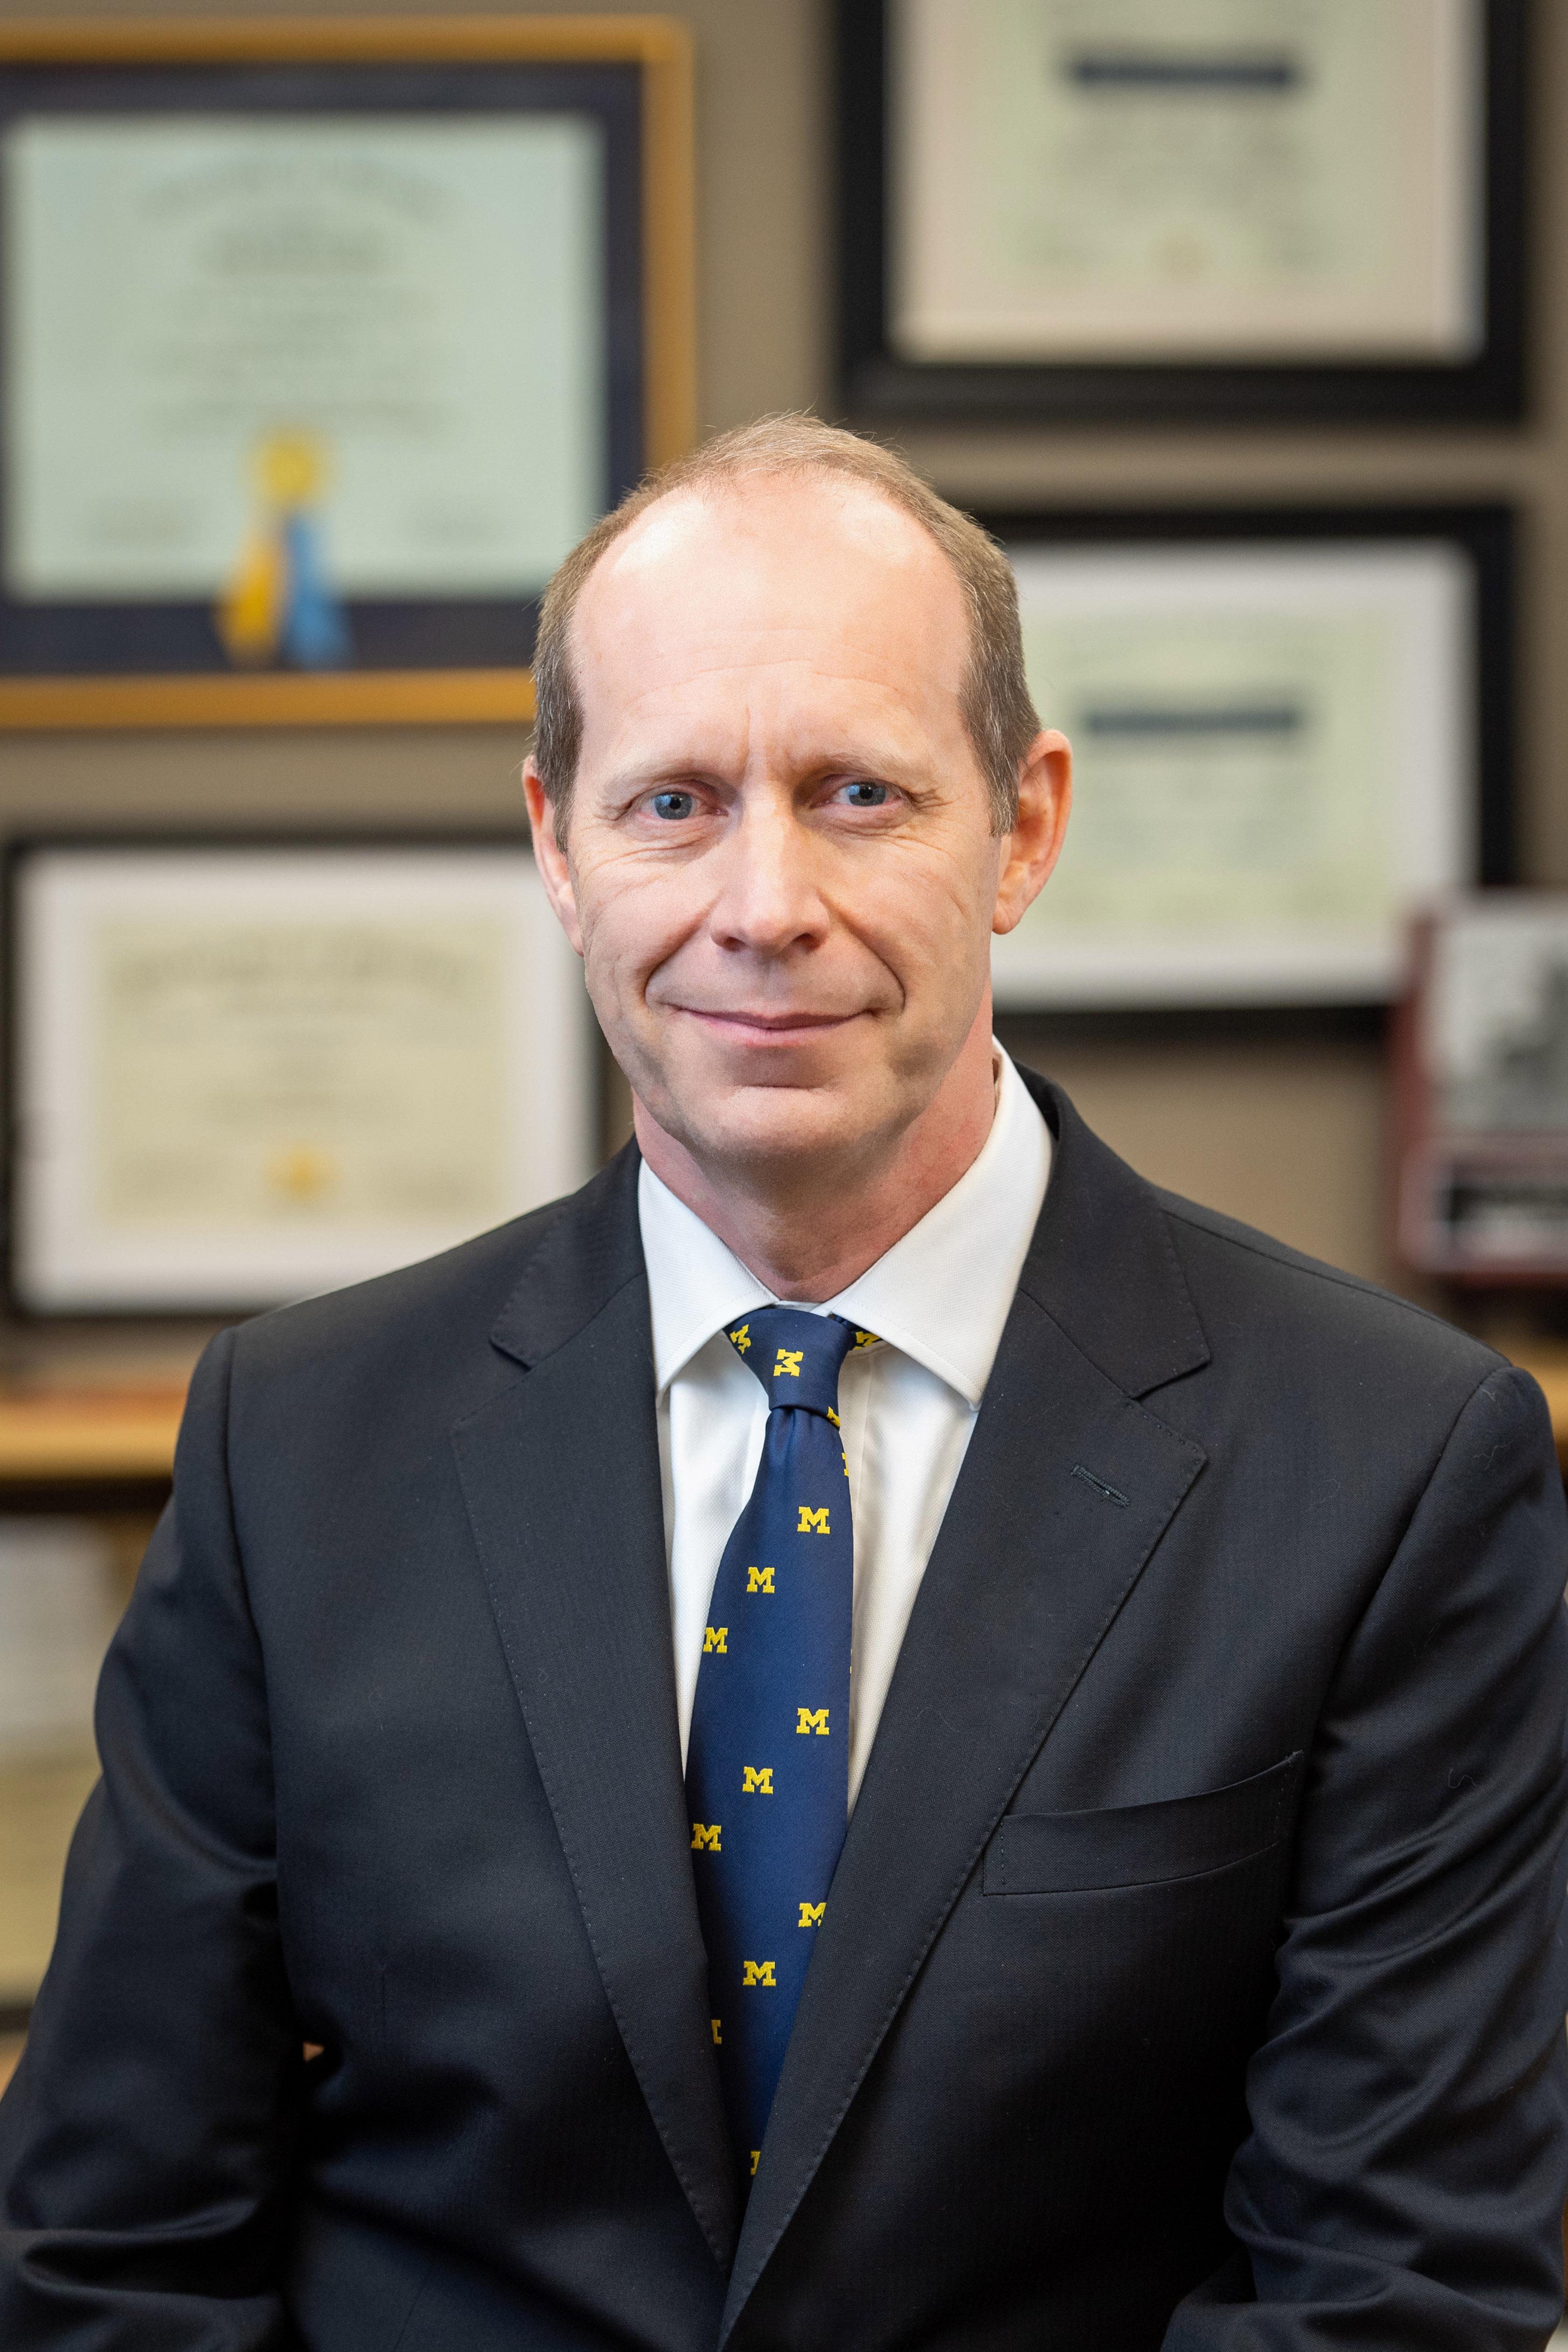 Dr. Mark E.P. Prince